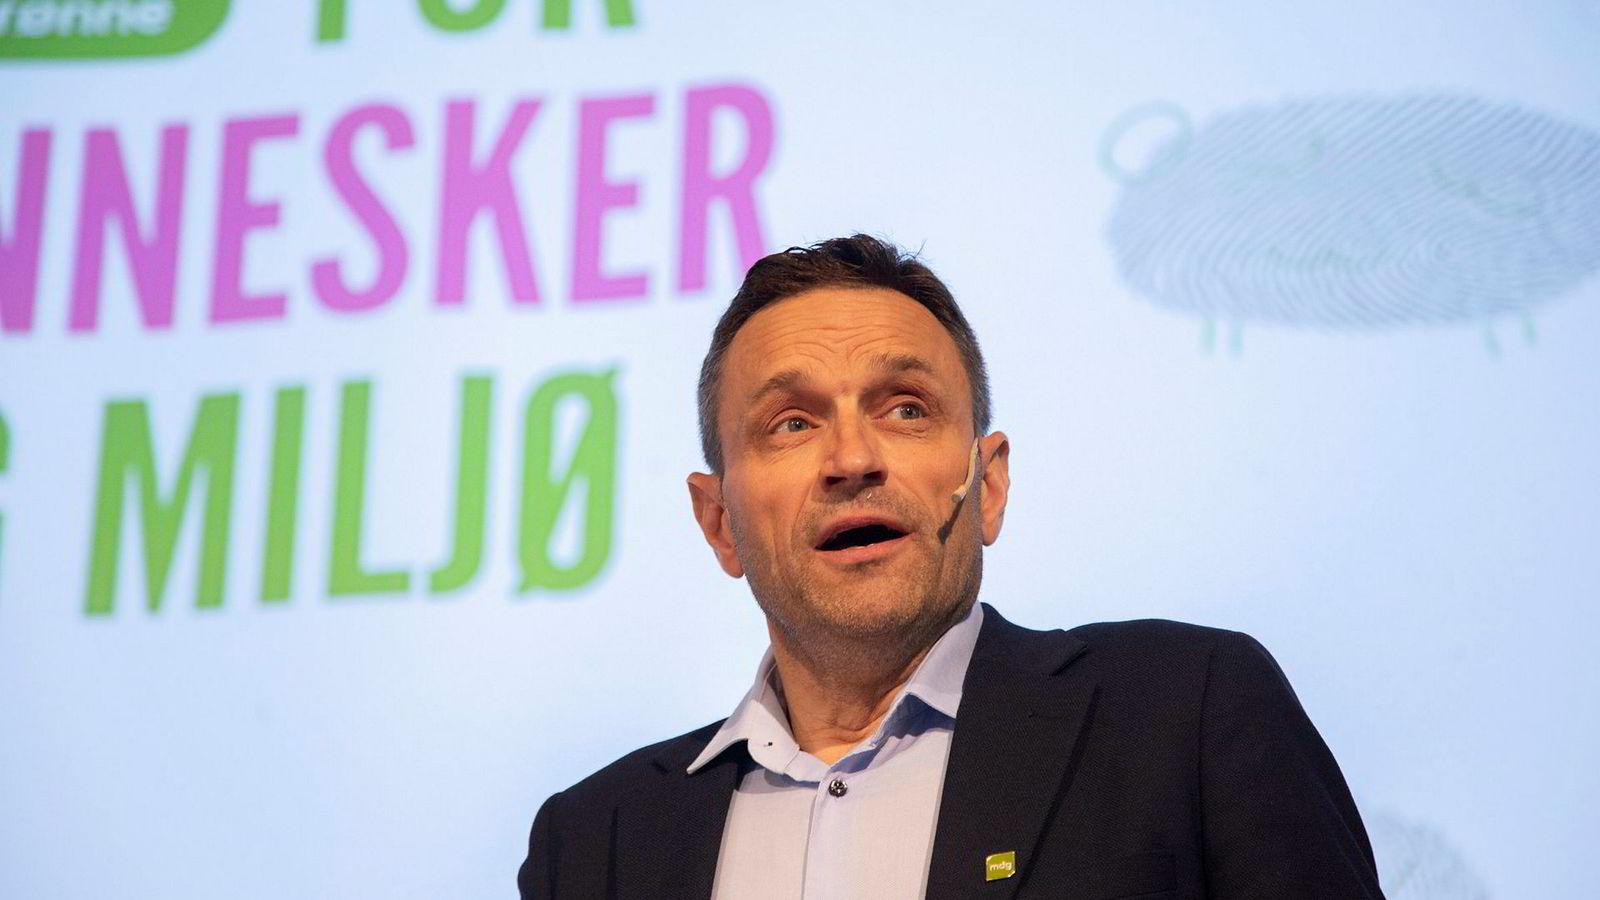 Nasjonal talsperson Arild Hermstad i Miljøpartiet De Grønne sier det er naturlig for partiet å søke regjeringsmakt hvis de gjør det like bra, eller bedre, i stortingsvalget i 2021 som de ligger an til å gjøre i årets kommune- og fylkestingsvalg.